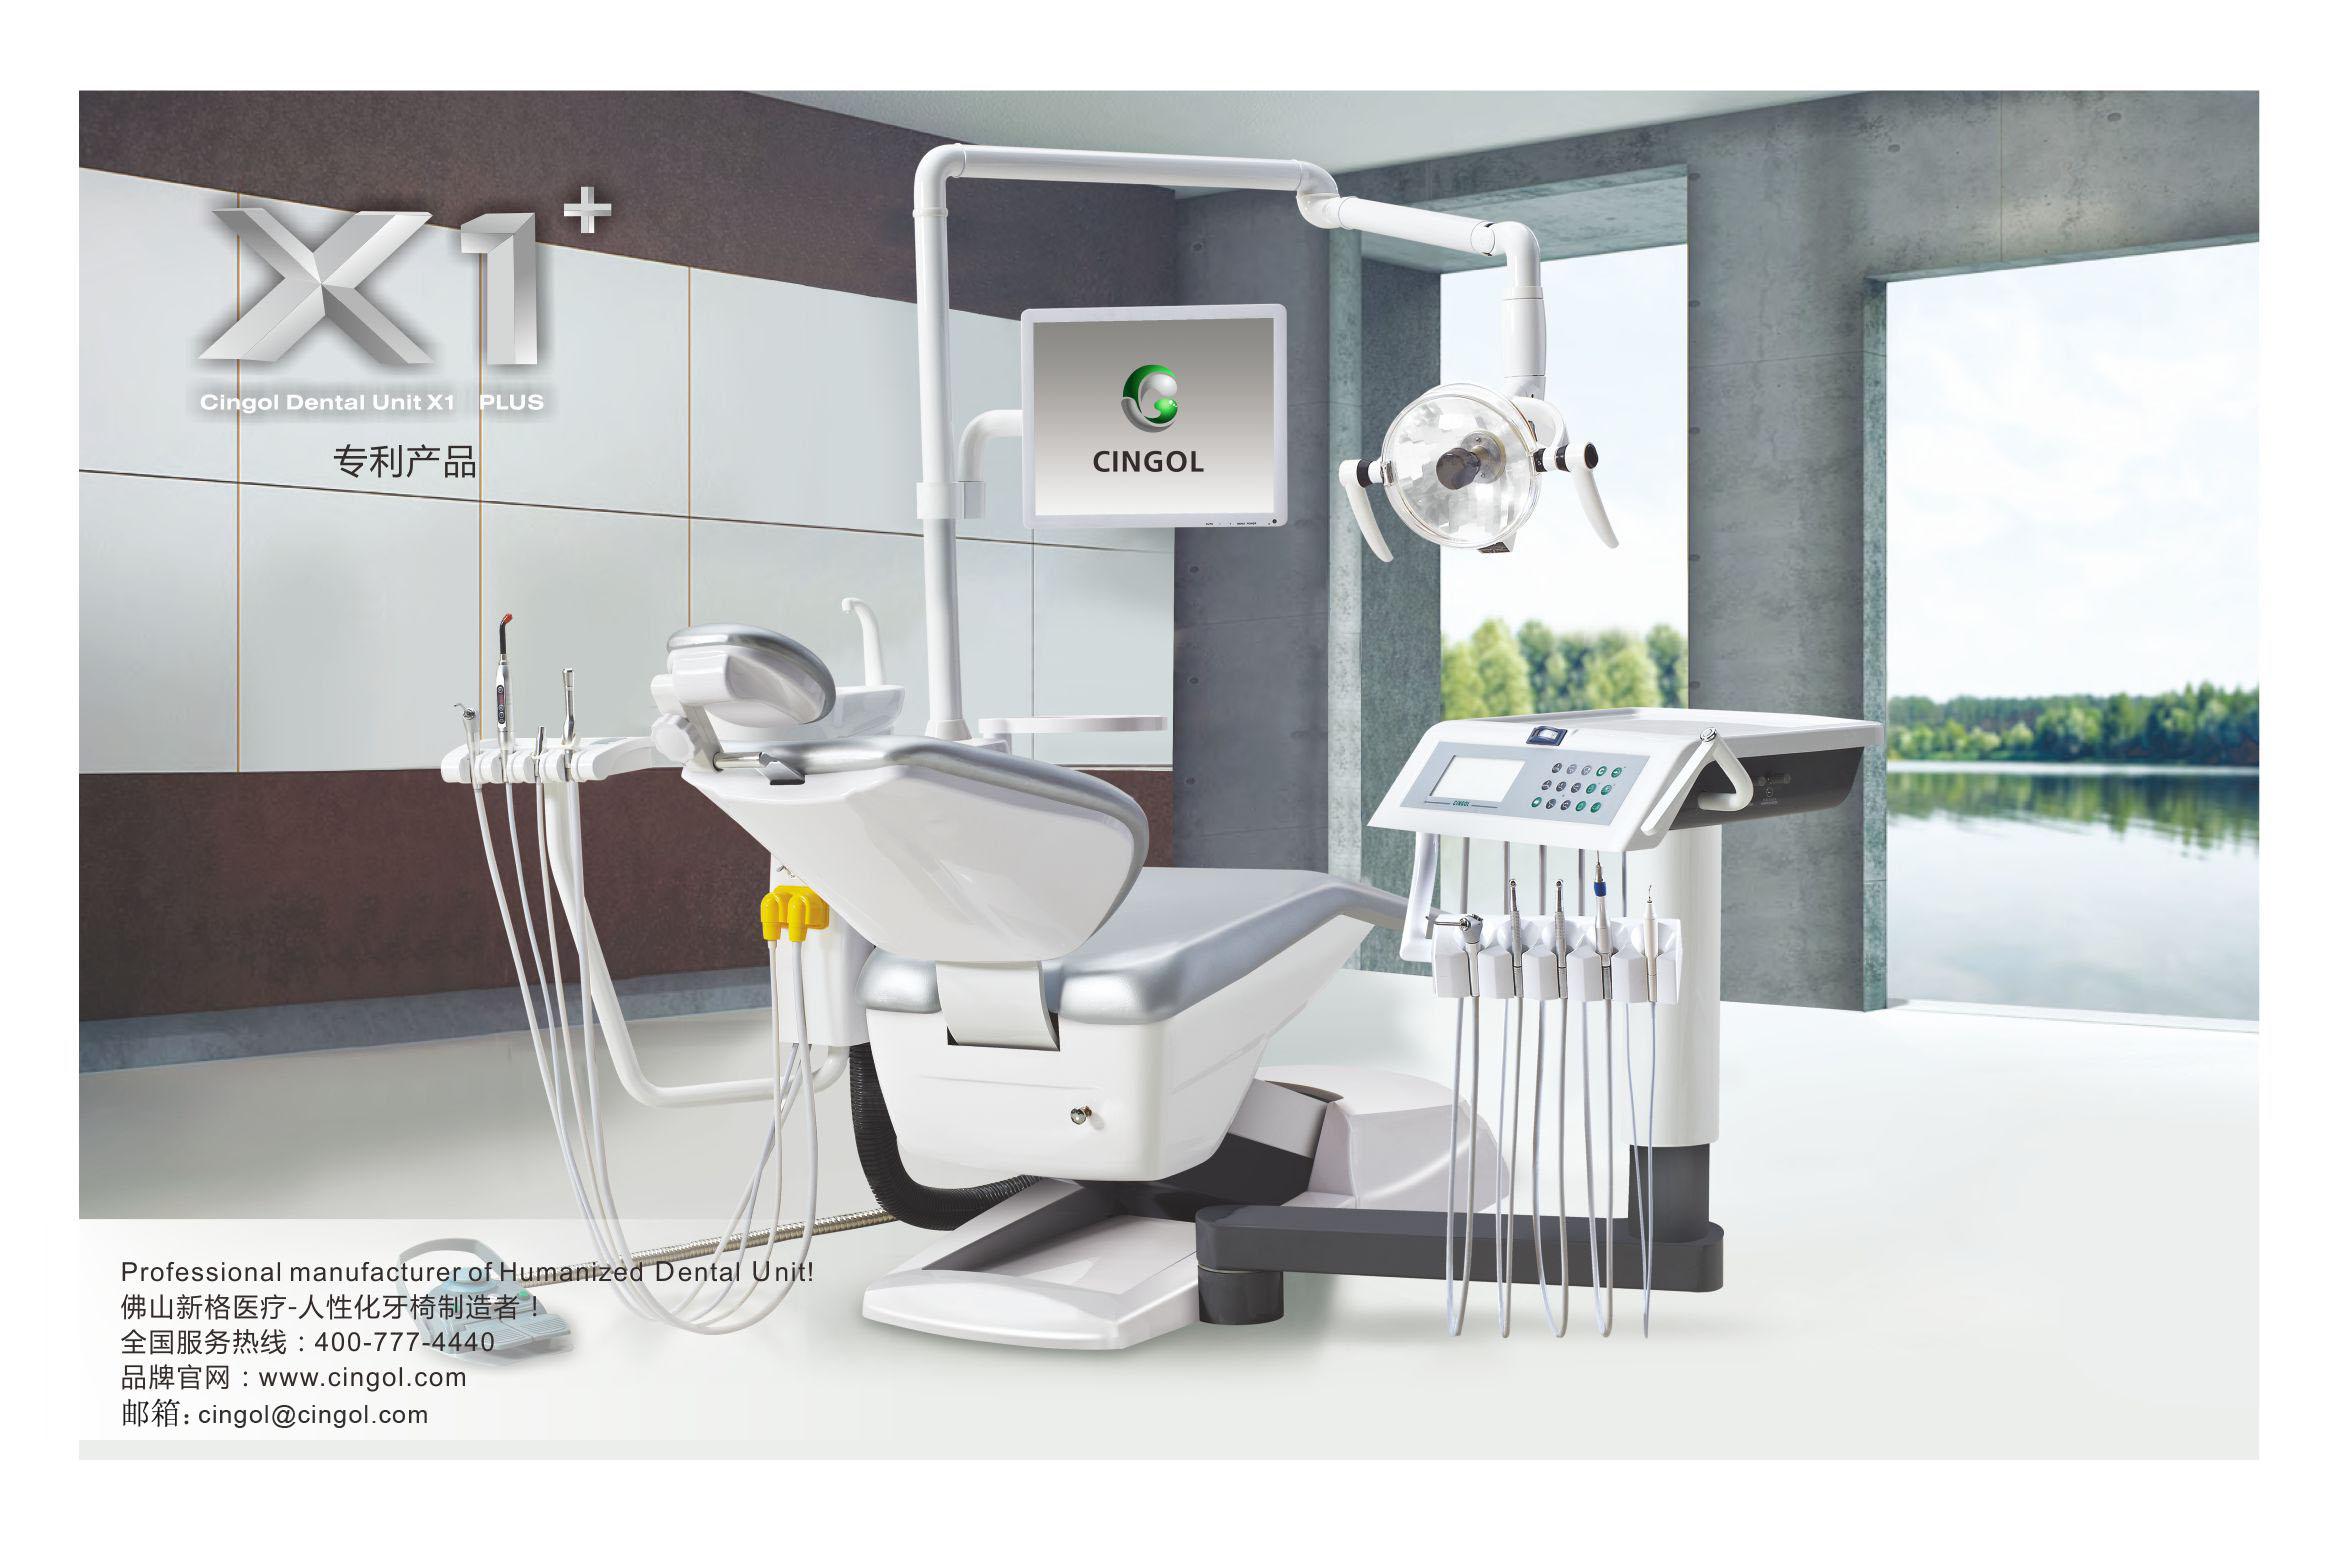 供应香港新格口腔综合治疗椅X1+、佛山新格医疗人性化牙科综合治疗机、高端口腔综合治疗台品牌、齿科设备牙科椅